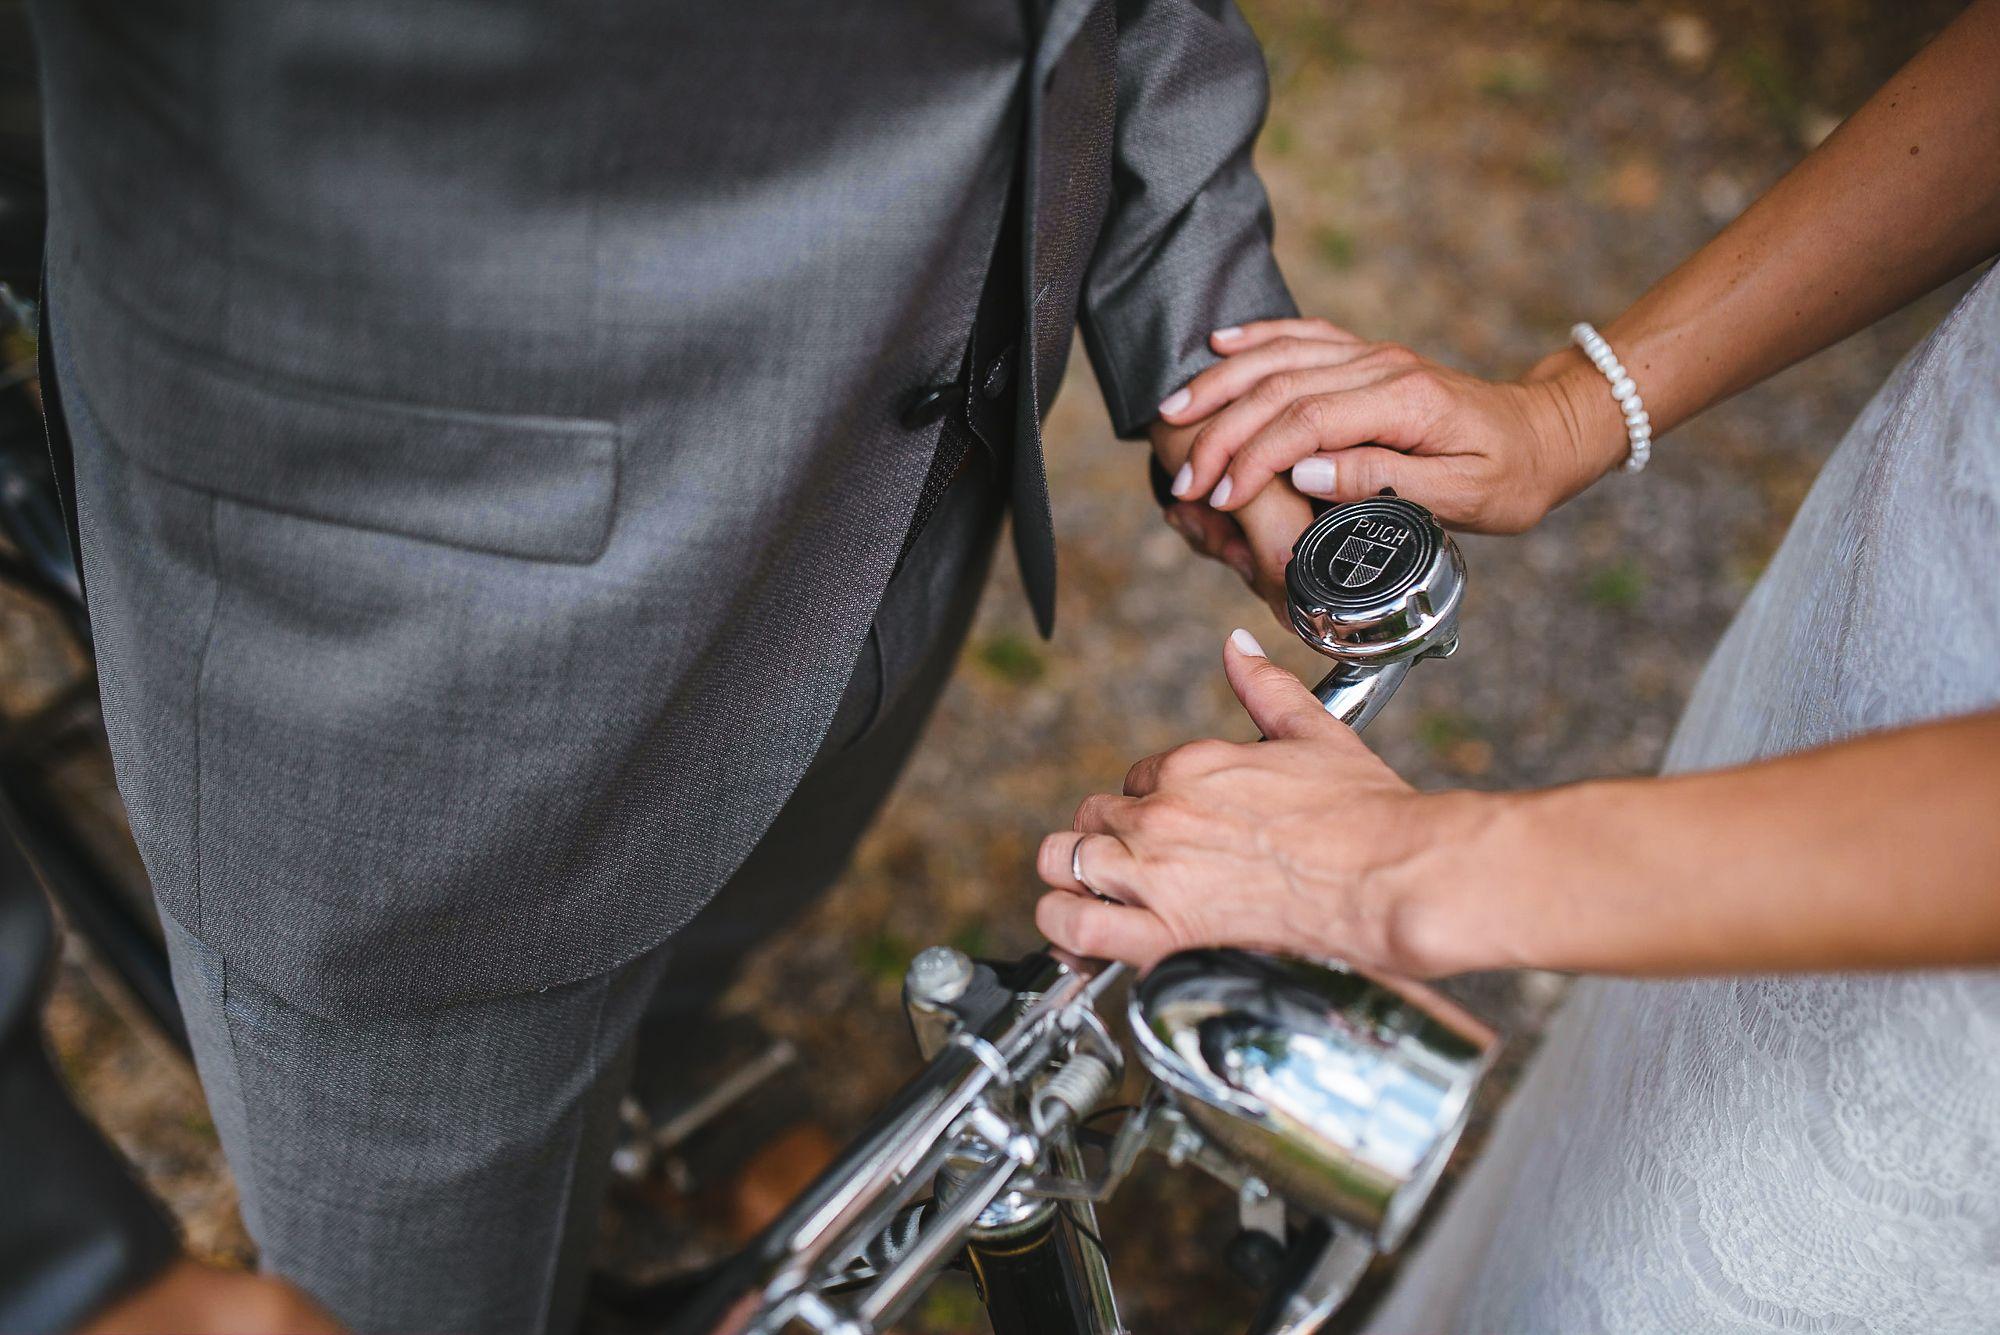 Hochzeit-Weingut-Dworzak-Weinstimmig-13.jpg